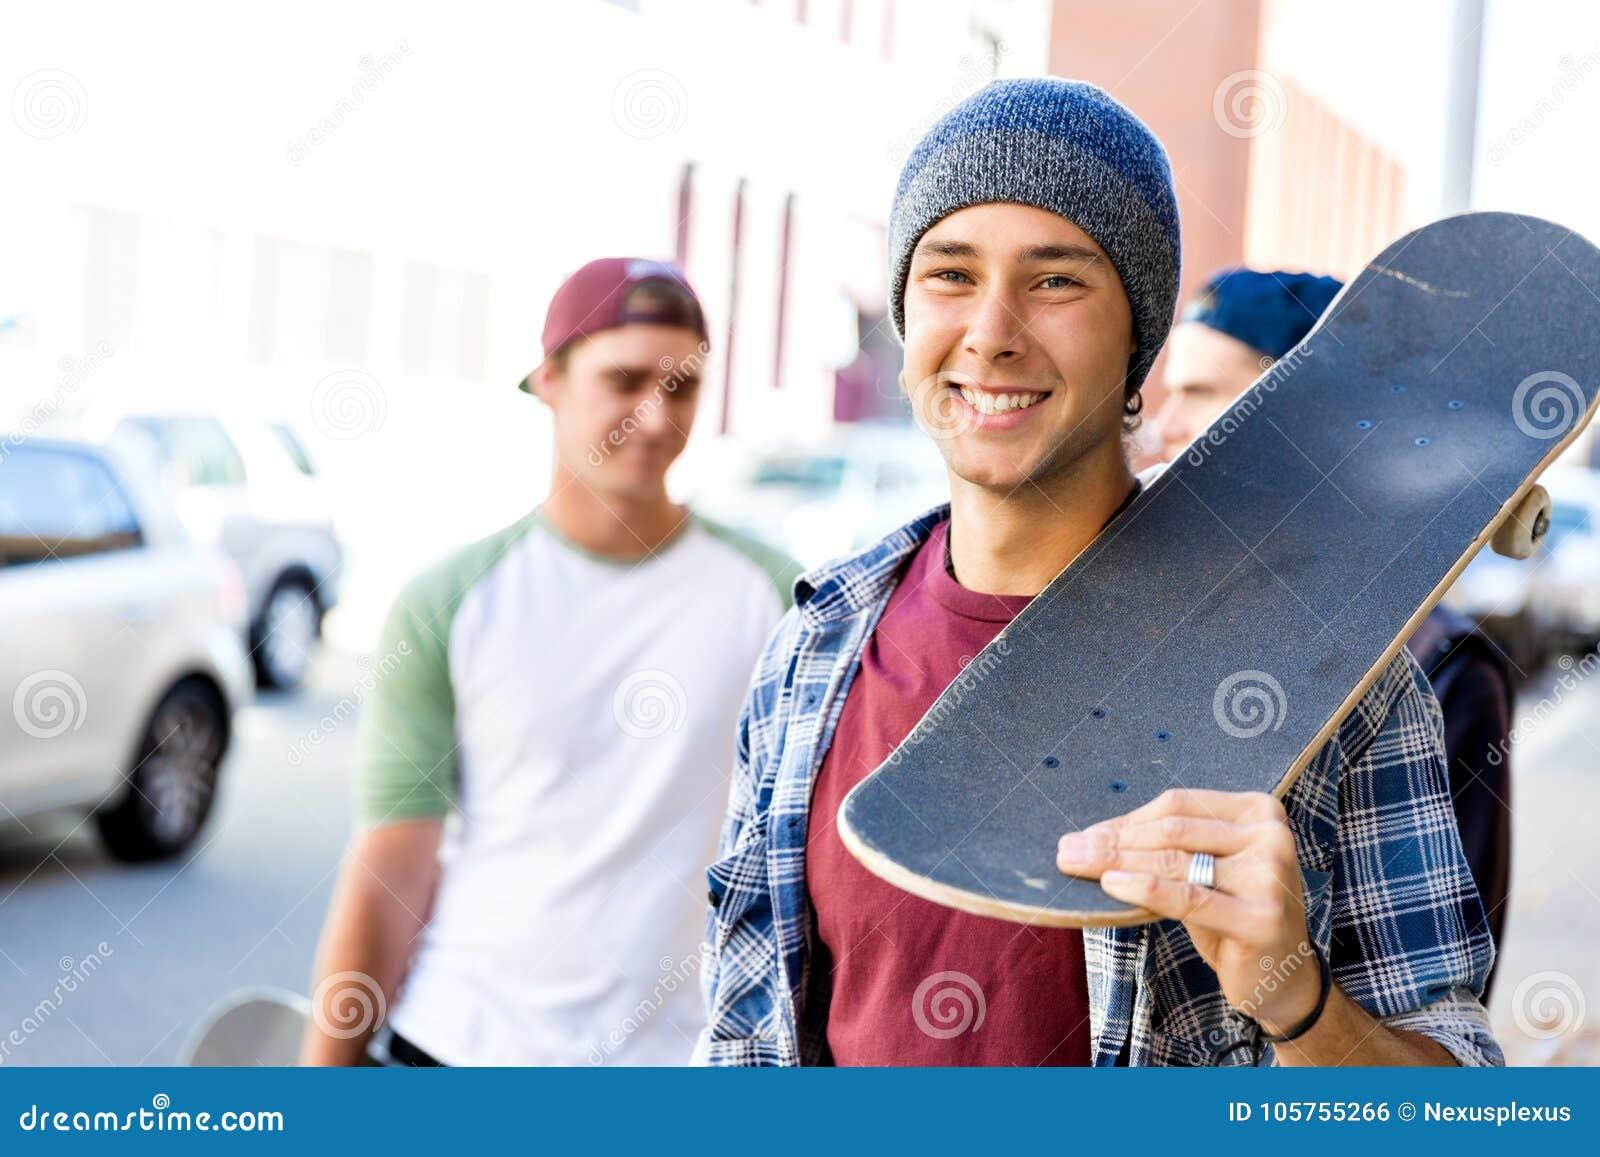 Cute teens wlking down the street